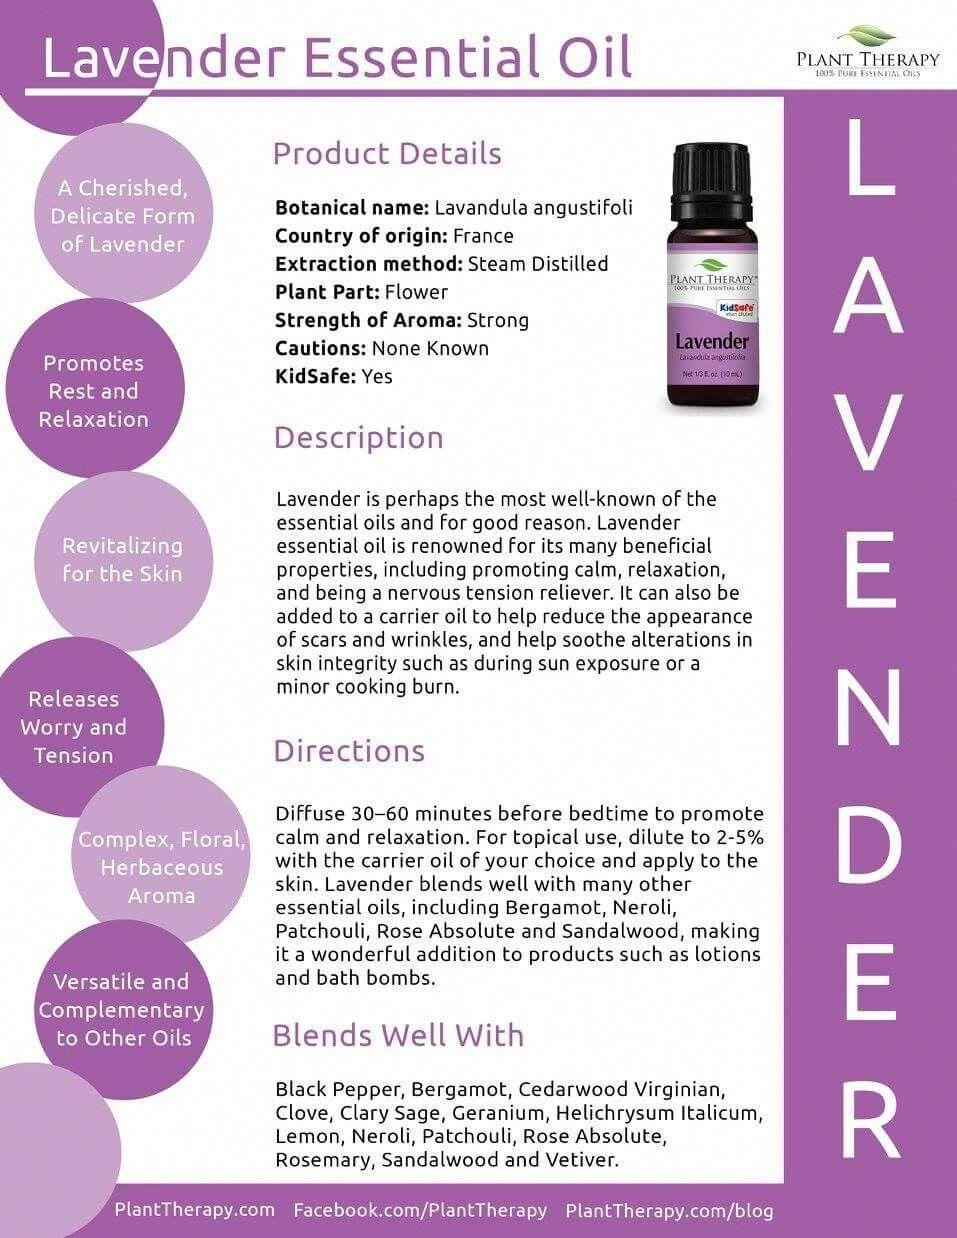 Lavender Essential Oil Essentialoilgifts Plant Therapy Essential Oils Plant Therapy Oils Plant Therapy